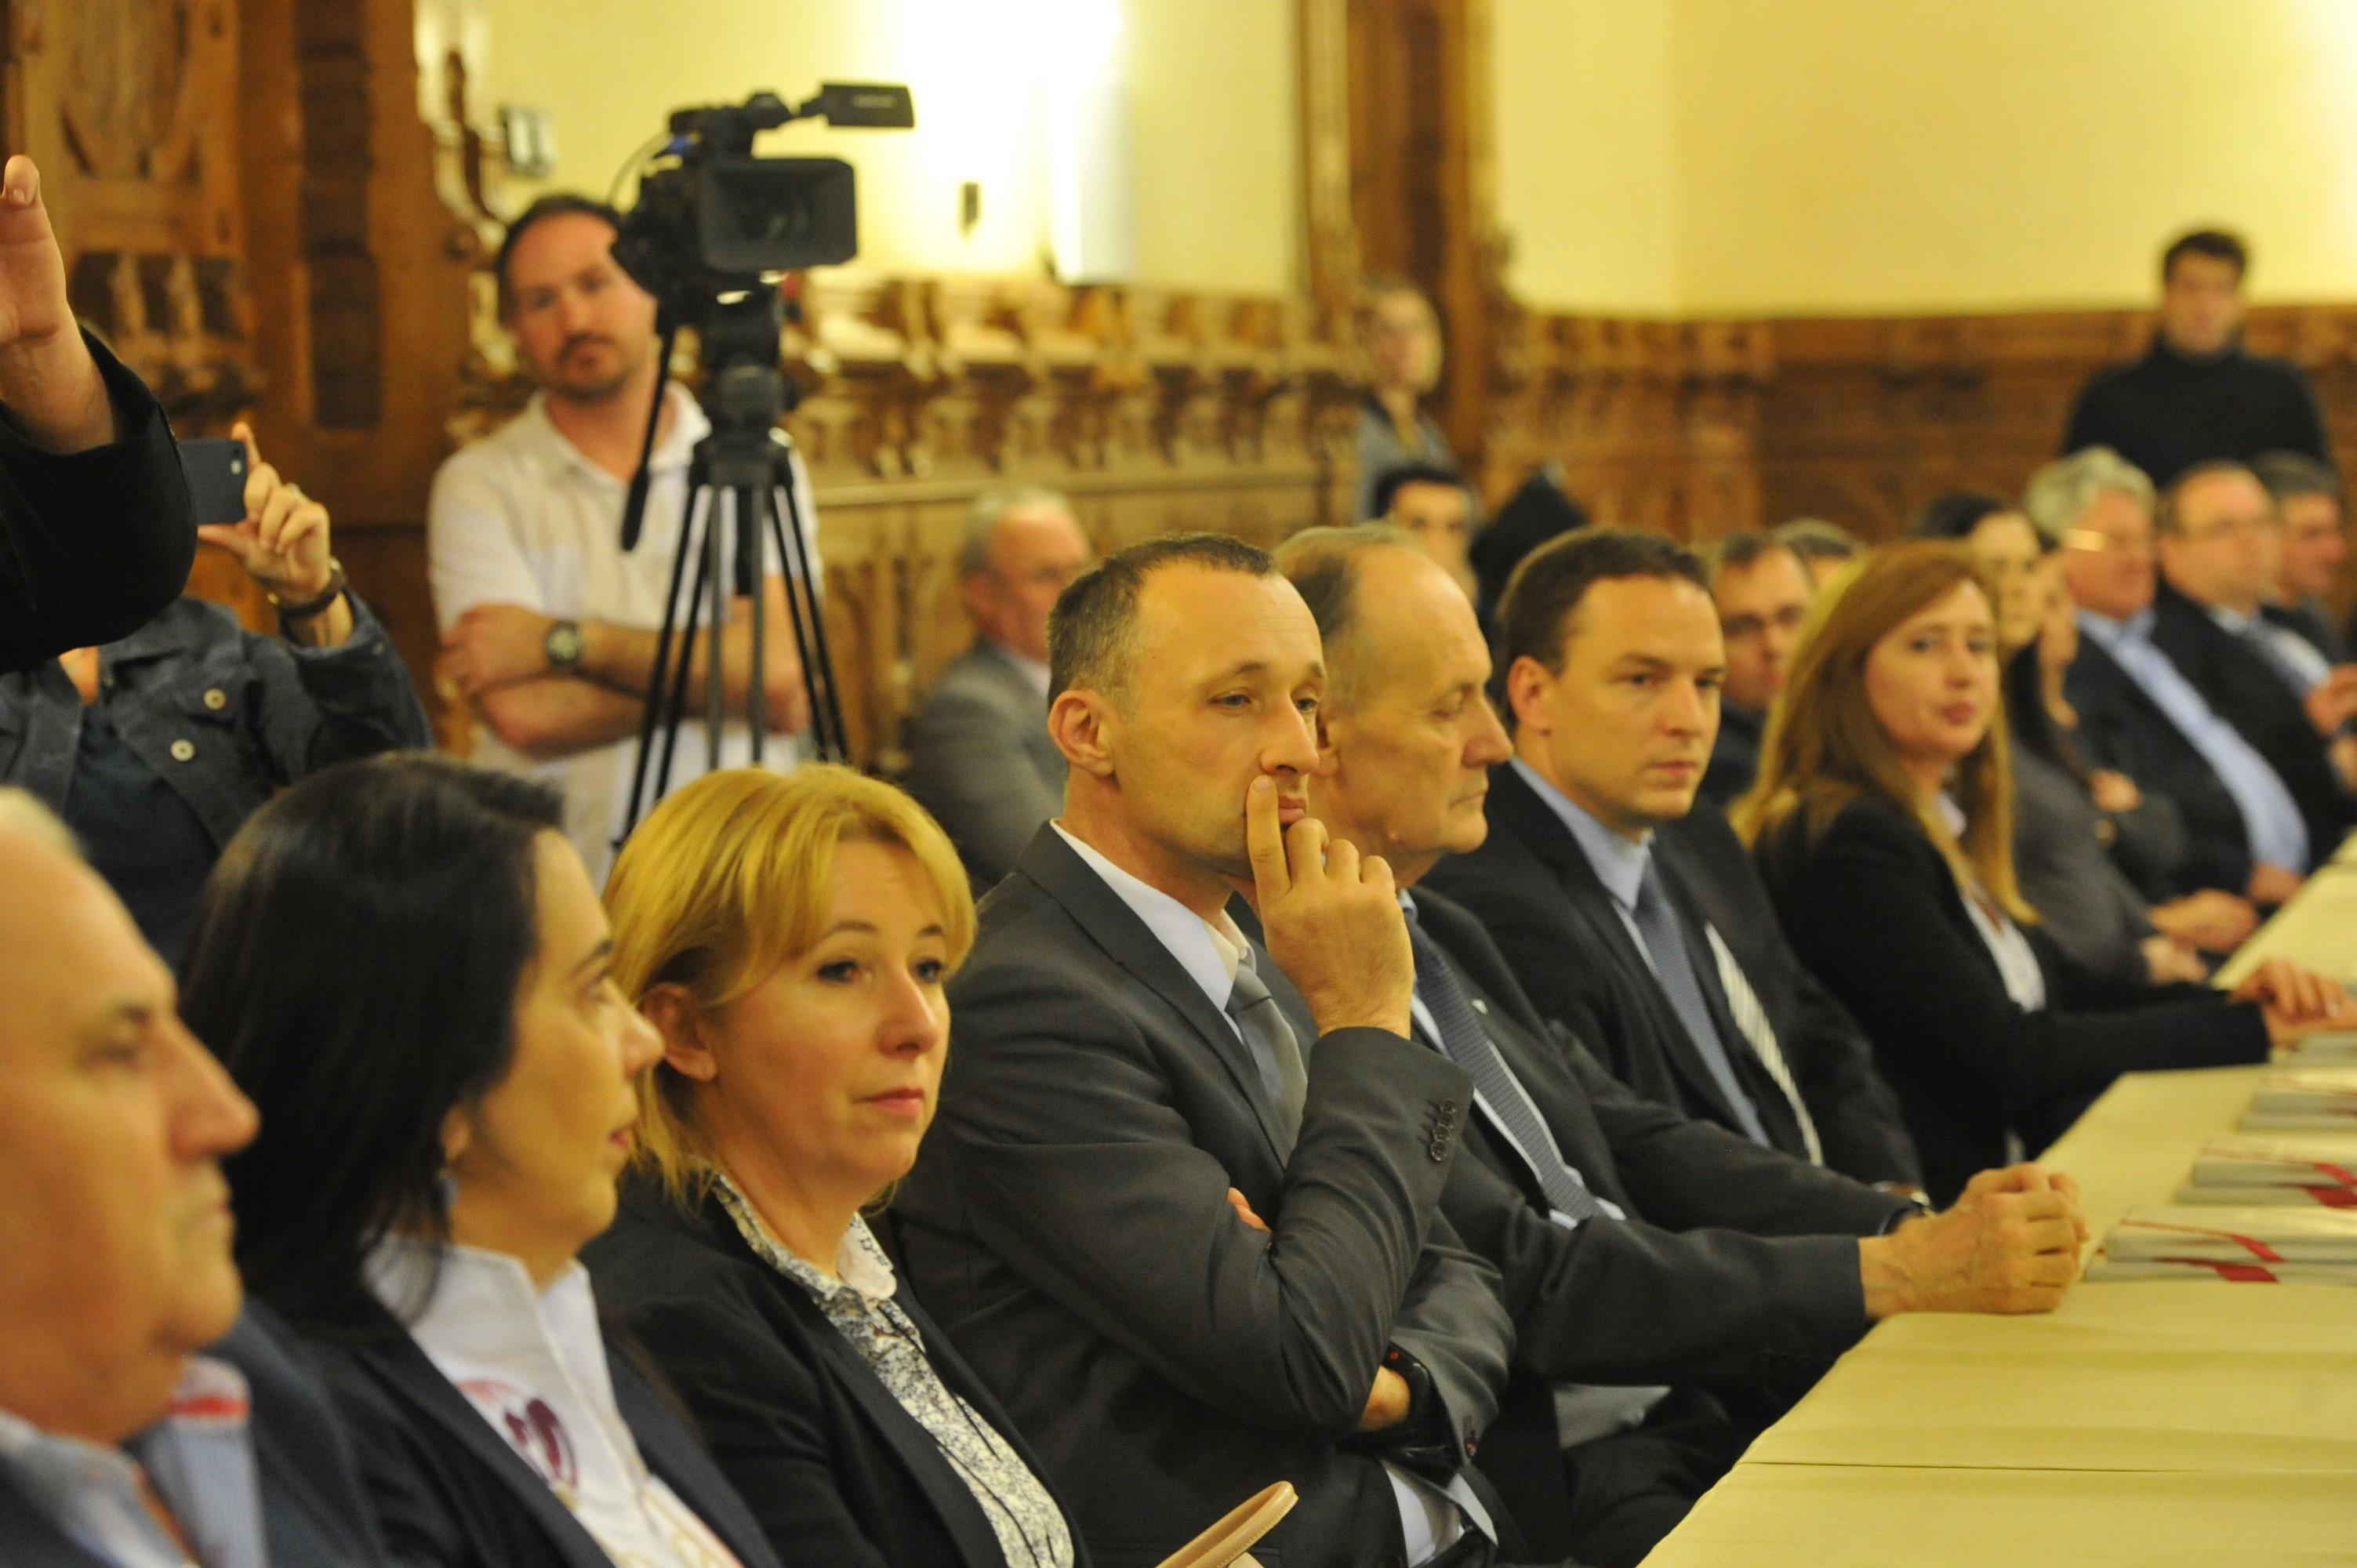 Közel négymilliárdos adóbevételre koccintottak a kaposvári városházán